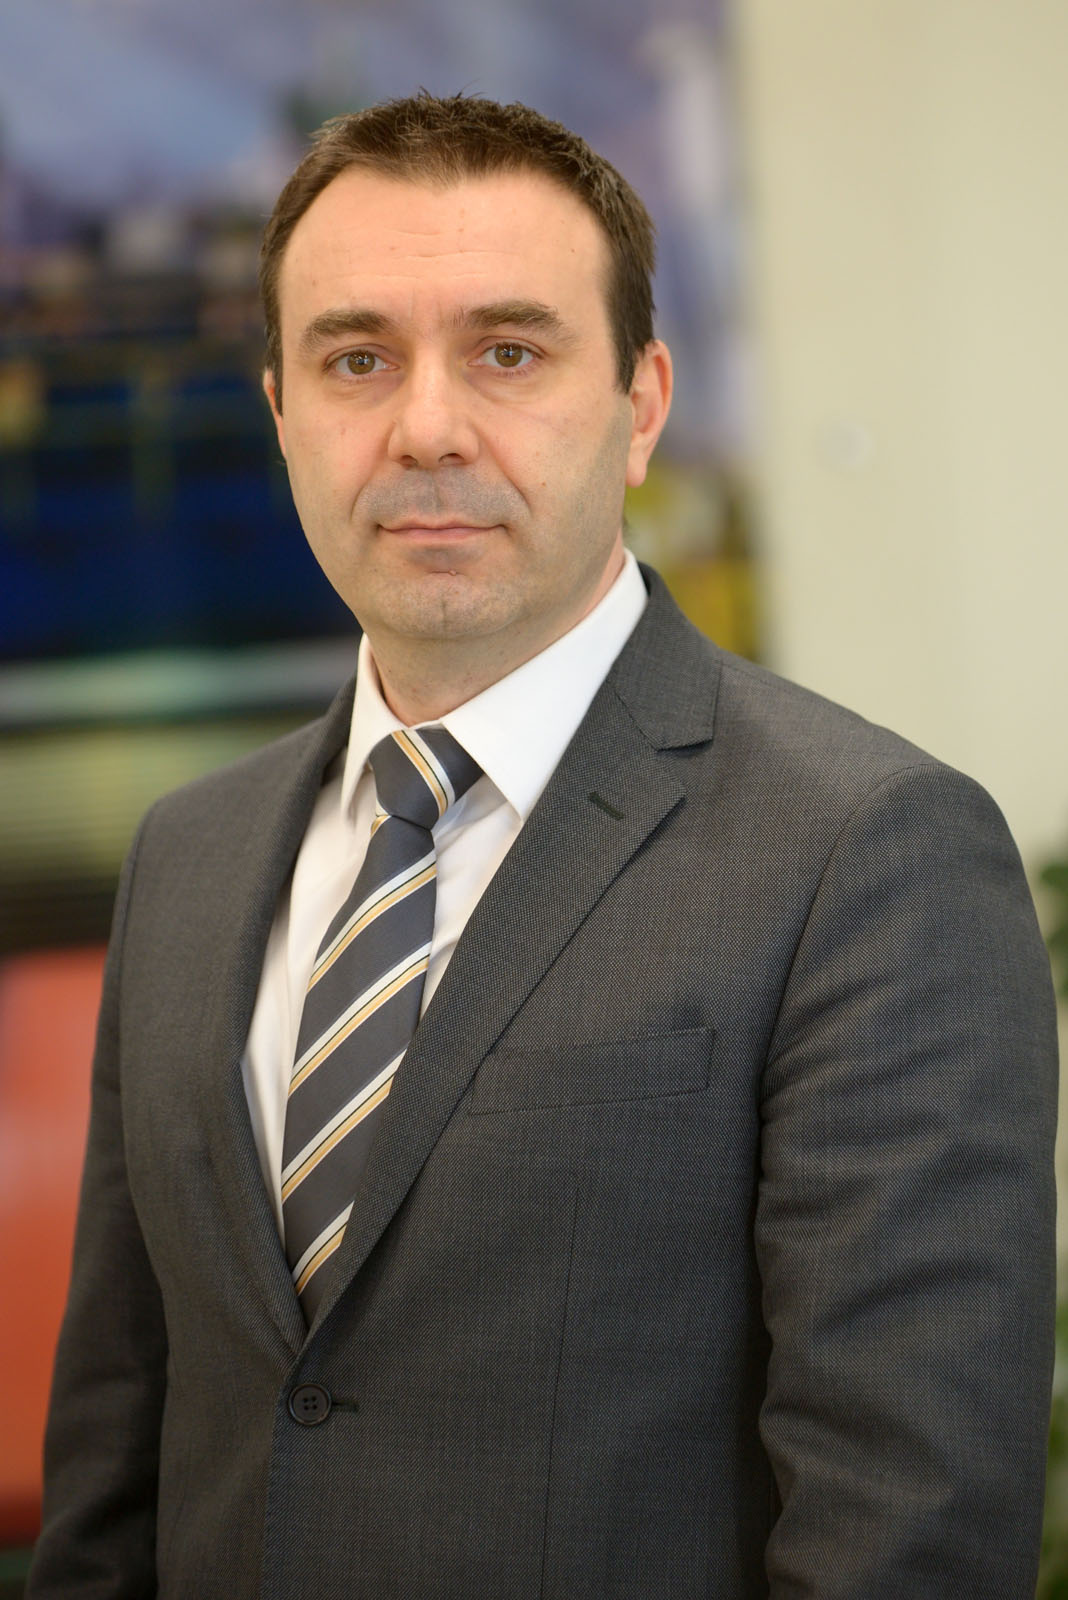 Denunțătorul lui Costel Alexe, directorul Combinatului Siderurgic Liberty Galați, Bogdan Grecu, a fost demis